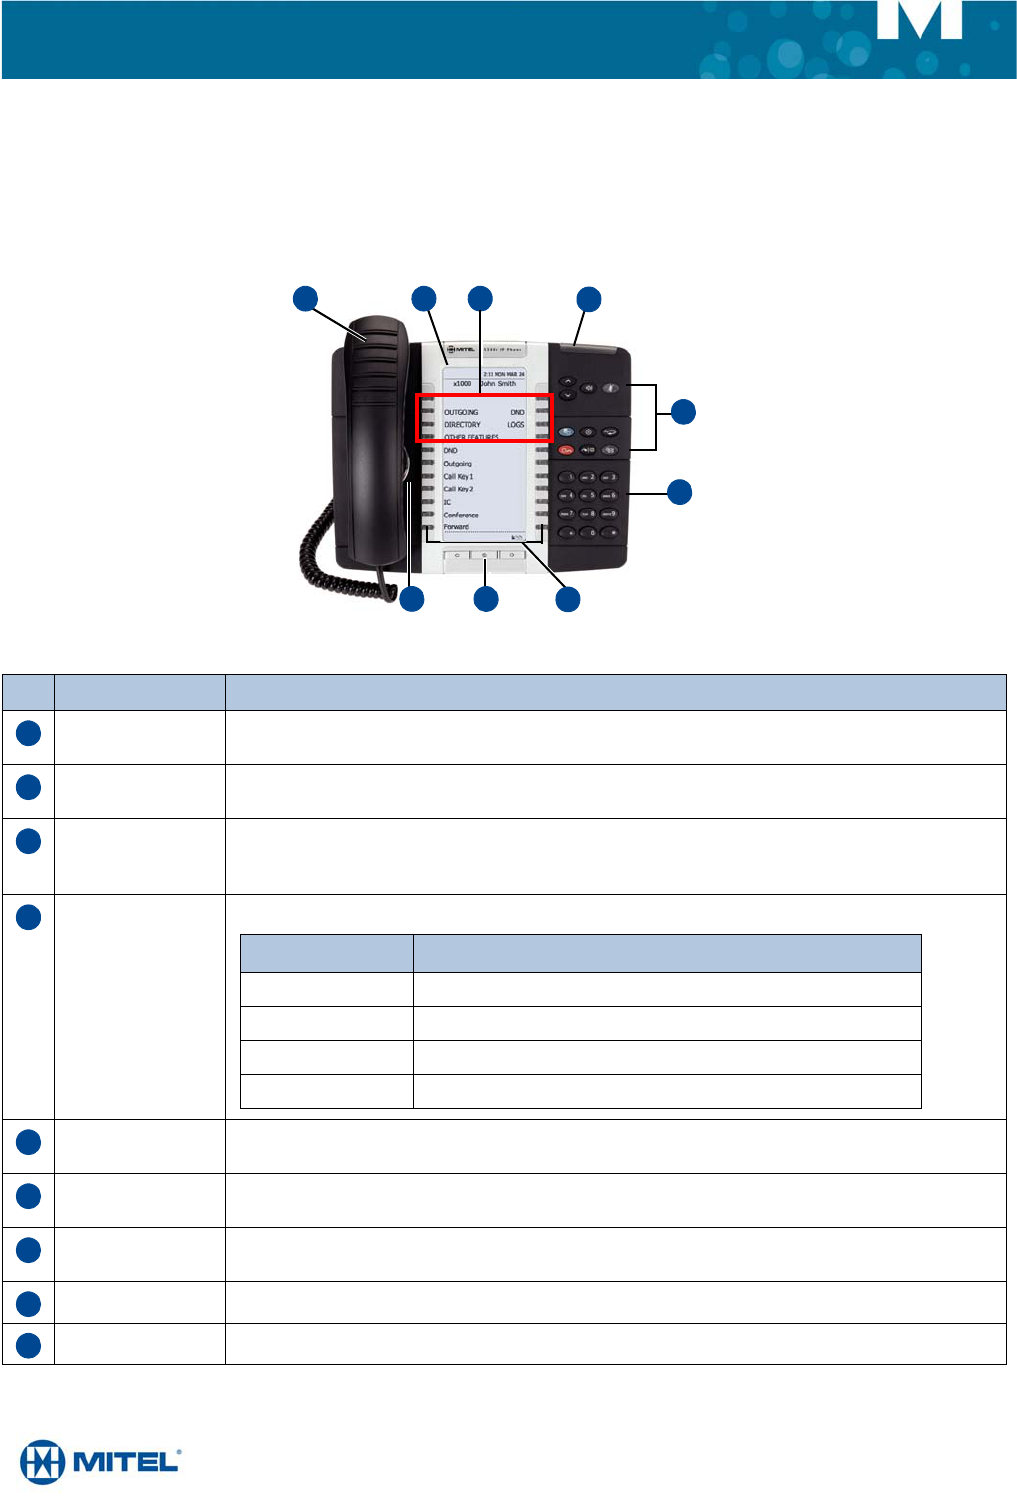 Mitel 5340e manual